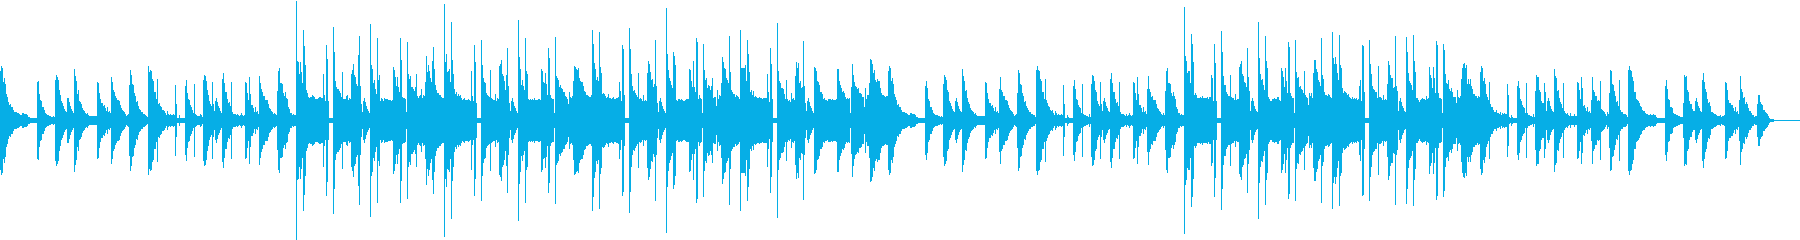 ヒップホップ・チル・ローファイ・カフェ の再生済みの波形